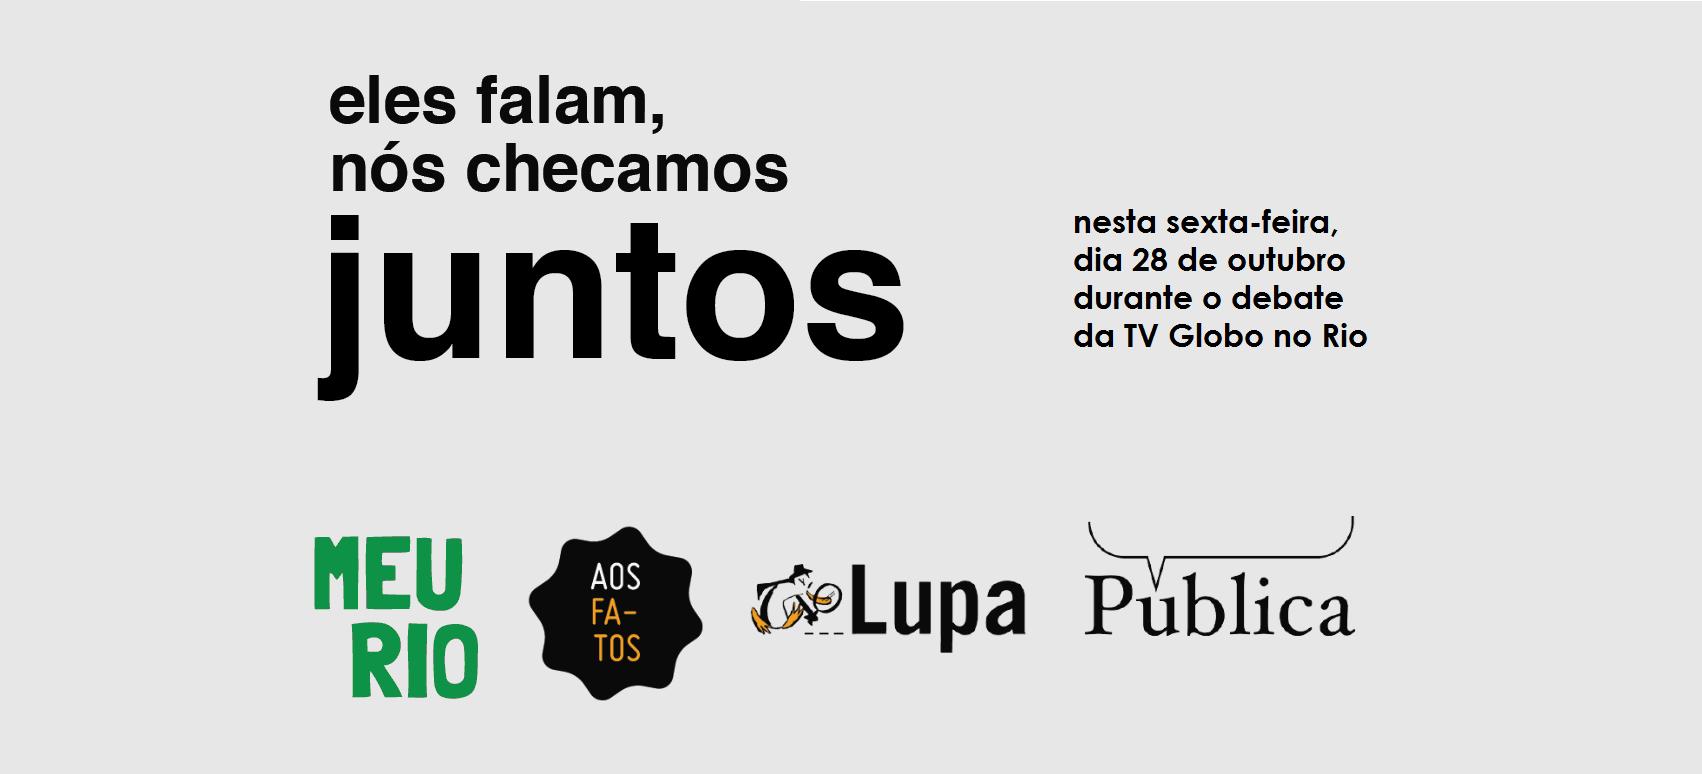 Cristina Tardáguila, diretora da Agência Lupa e membro do Poynter's International Fact-Checking Network, disse que ela teve a ideia da iniciativa após ler sobre projetos colaborativos de plataformas de checagem de dados.